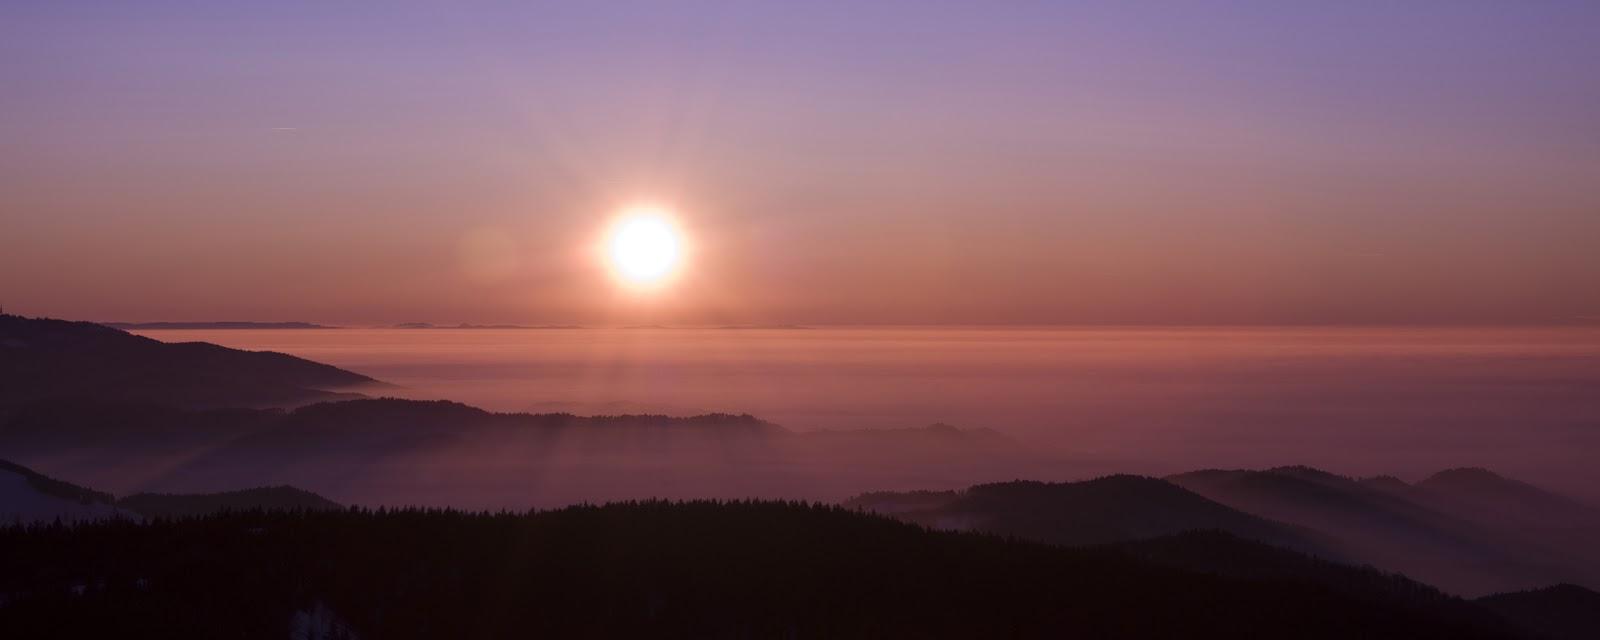 Fondo de pantalla caida del sol for Fondo del sol